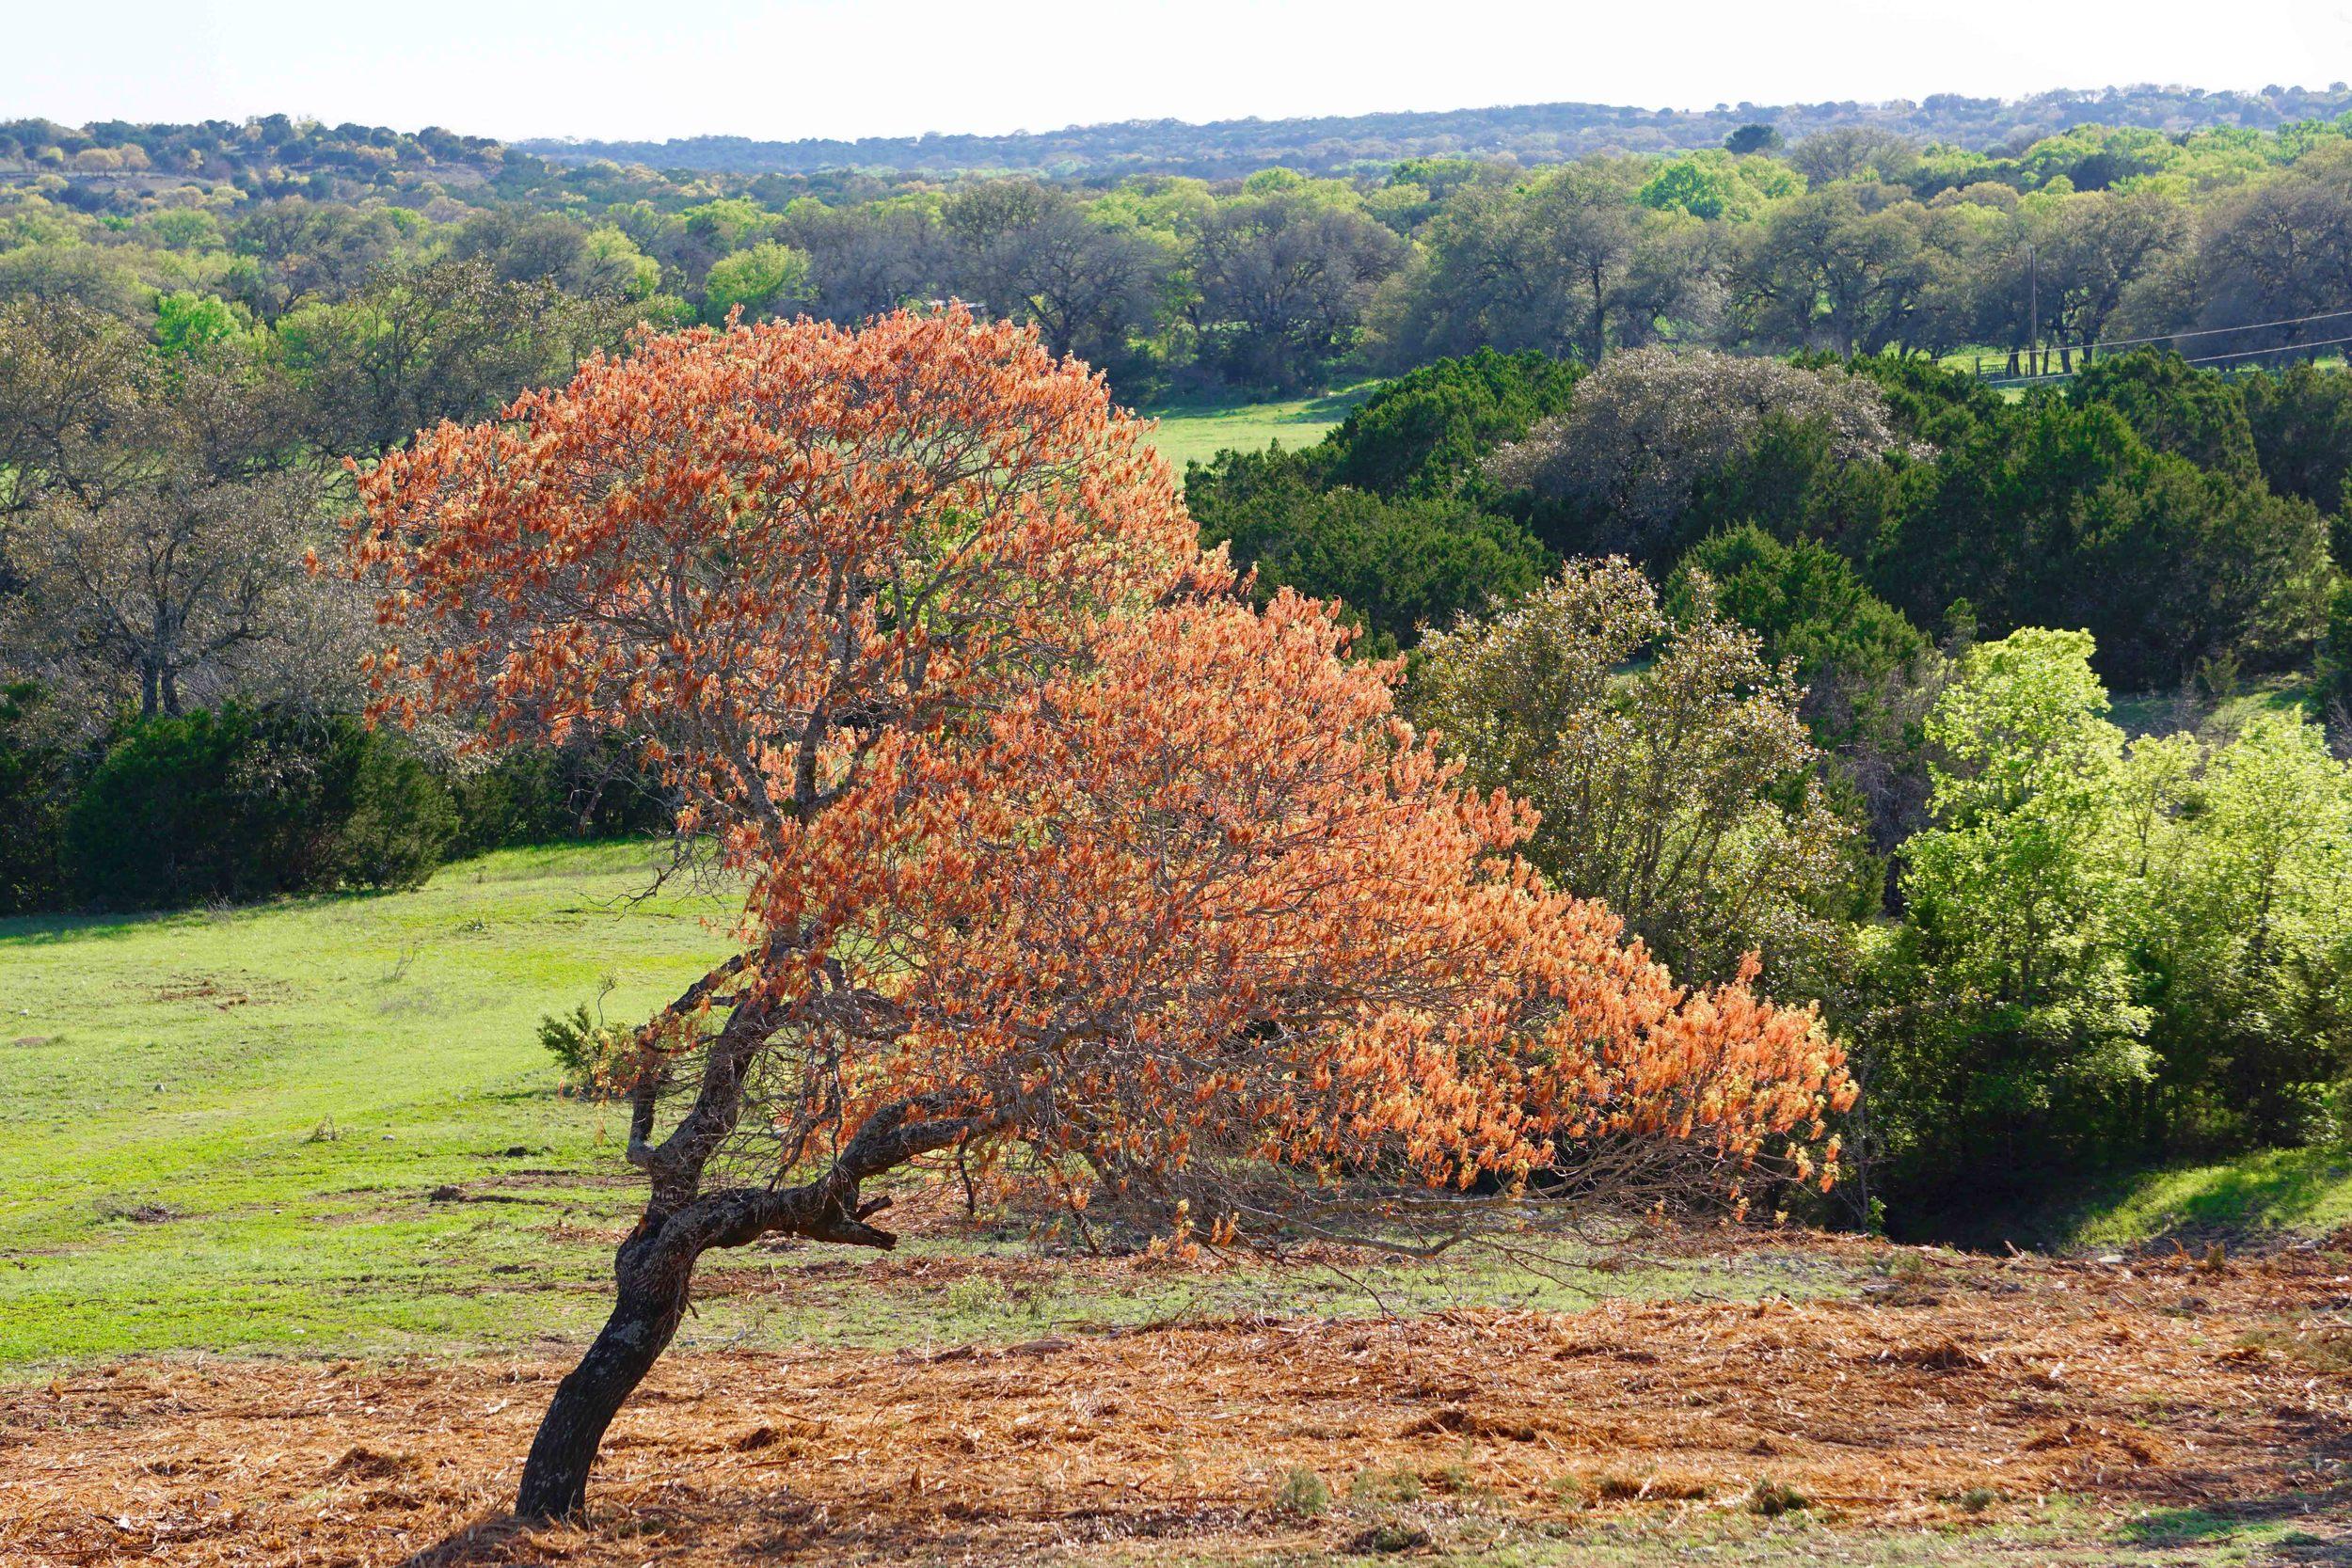 401k Ranch Briggs, TX